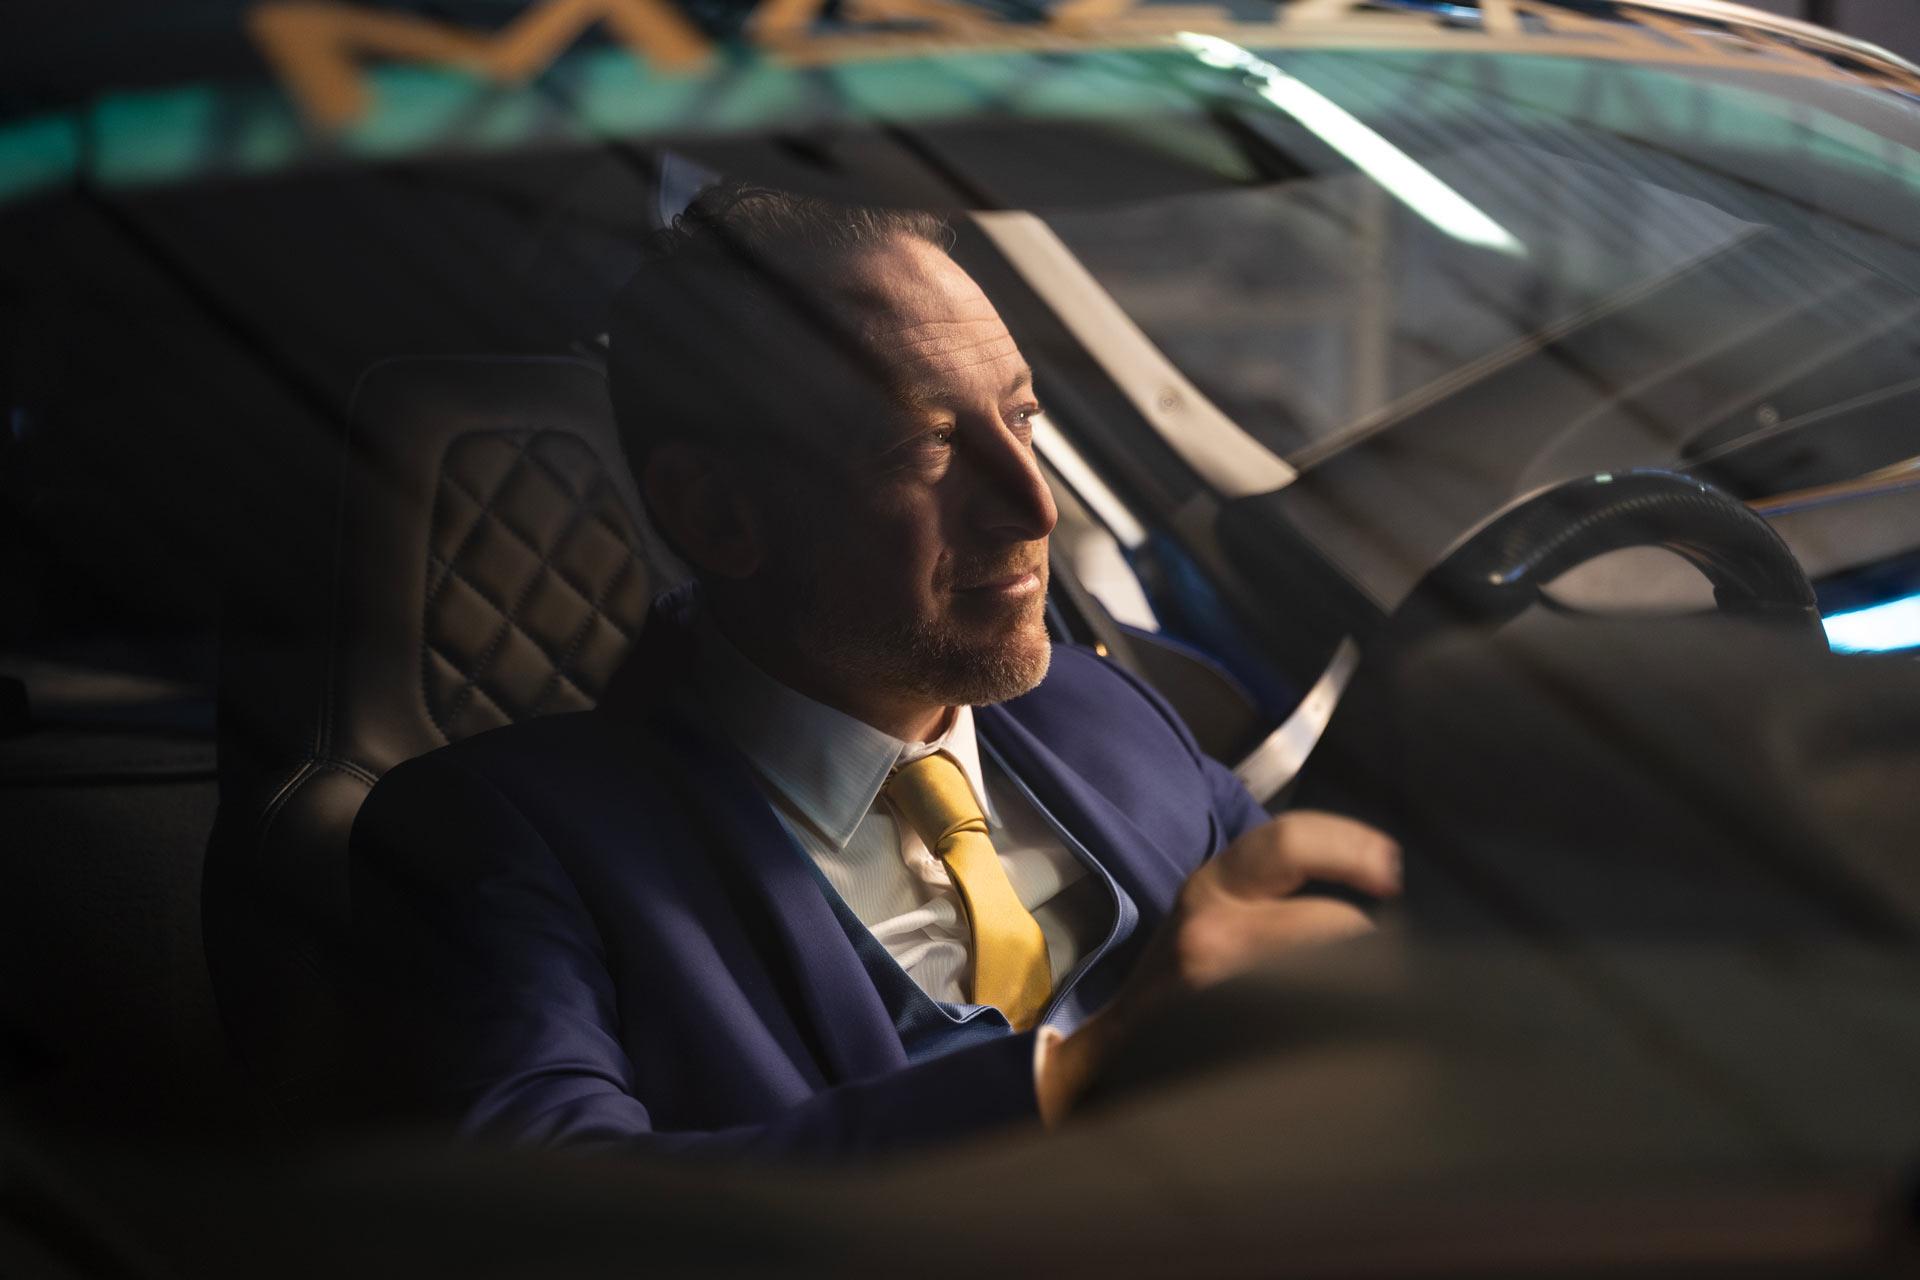 foto di Luca Mazzanti all'interno di una vettura